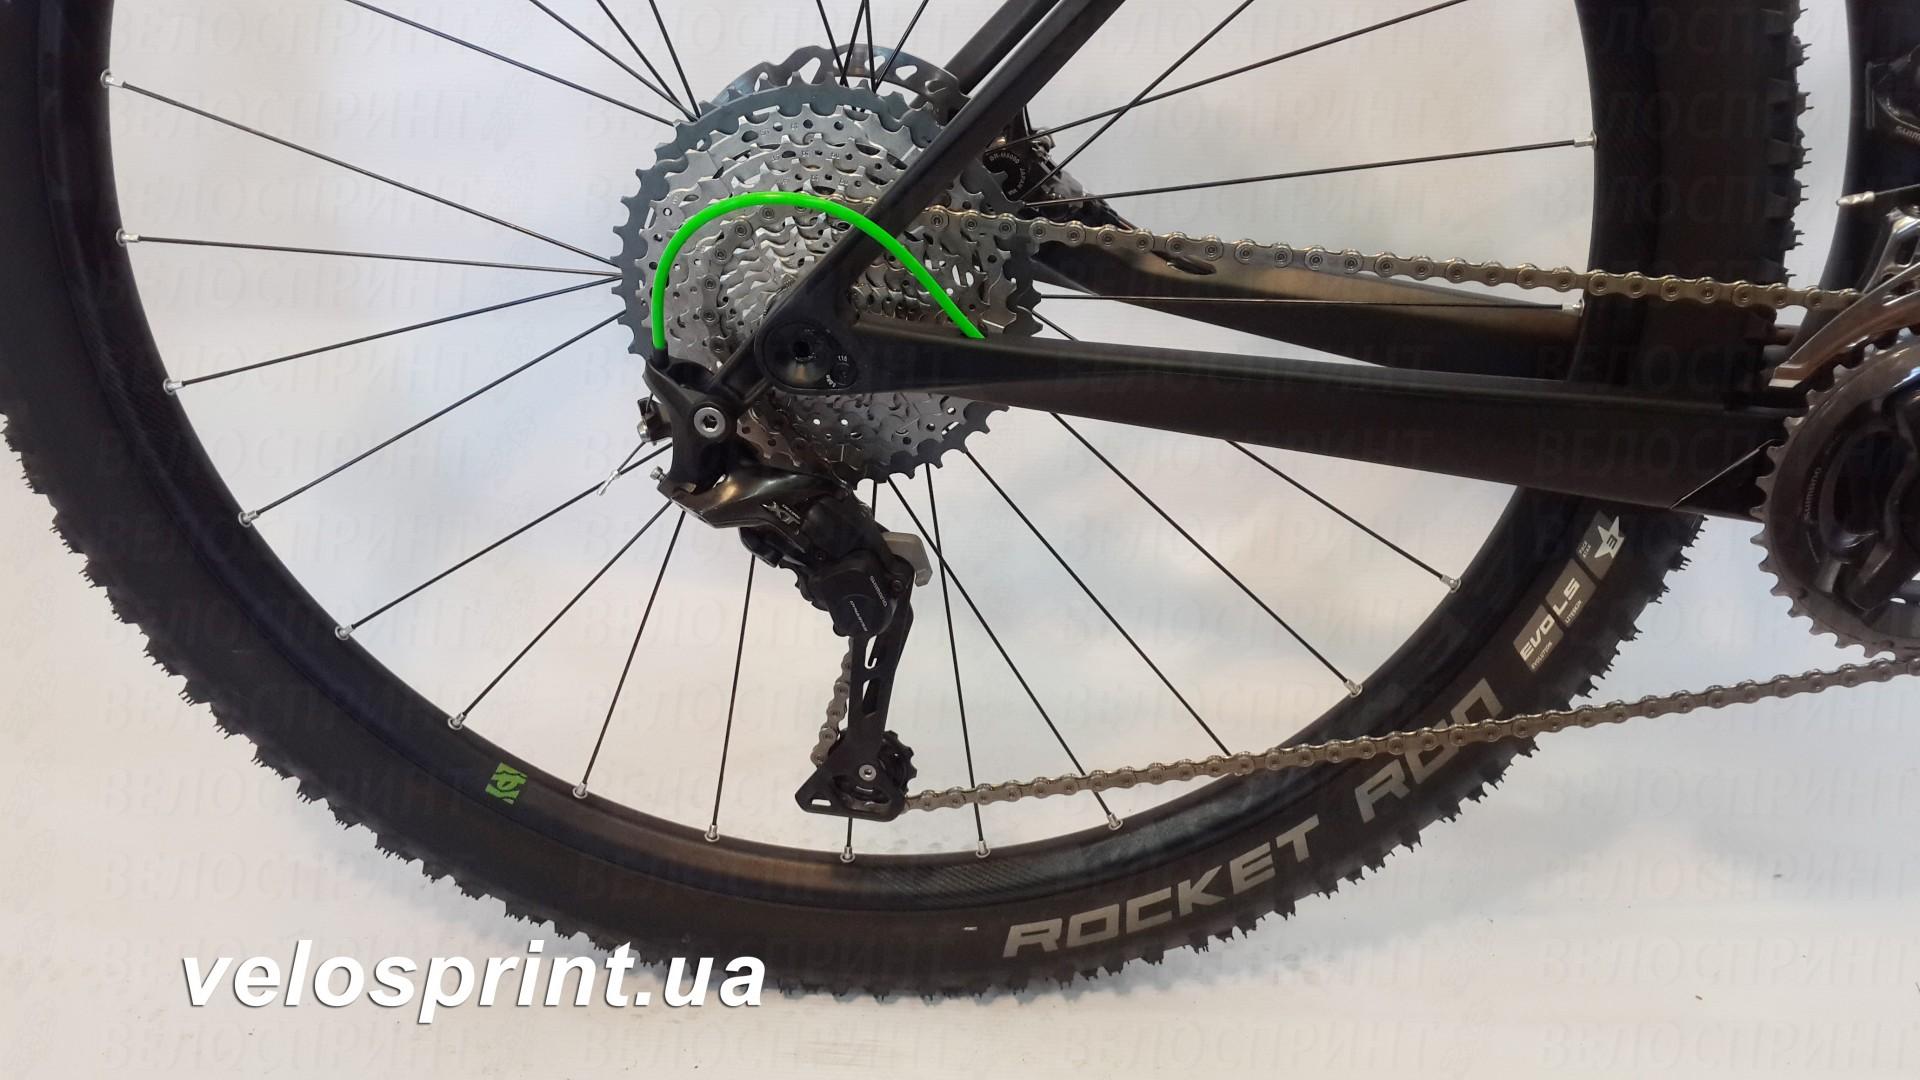 Велосипед GHOST Lector 6 LC 29 titaniumgrey/nightblack/riotgreen задний переключатель год 2017